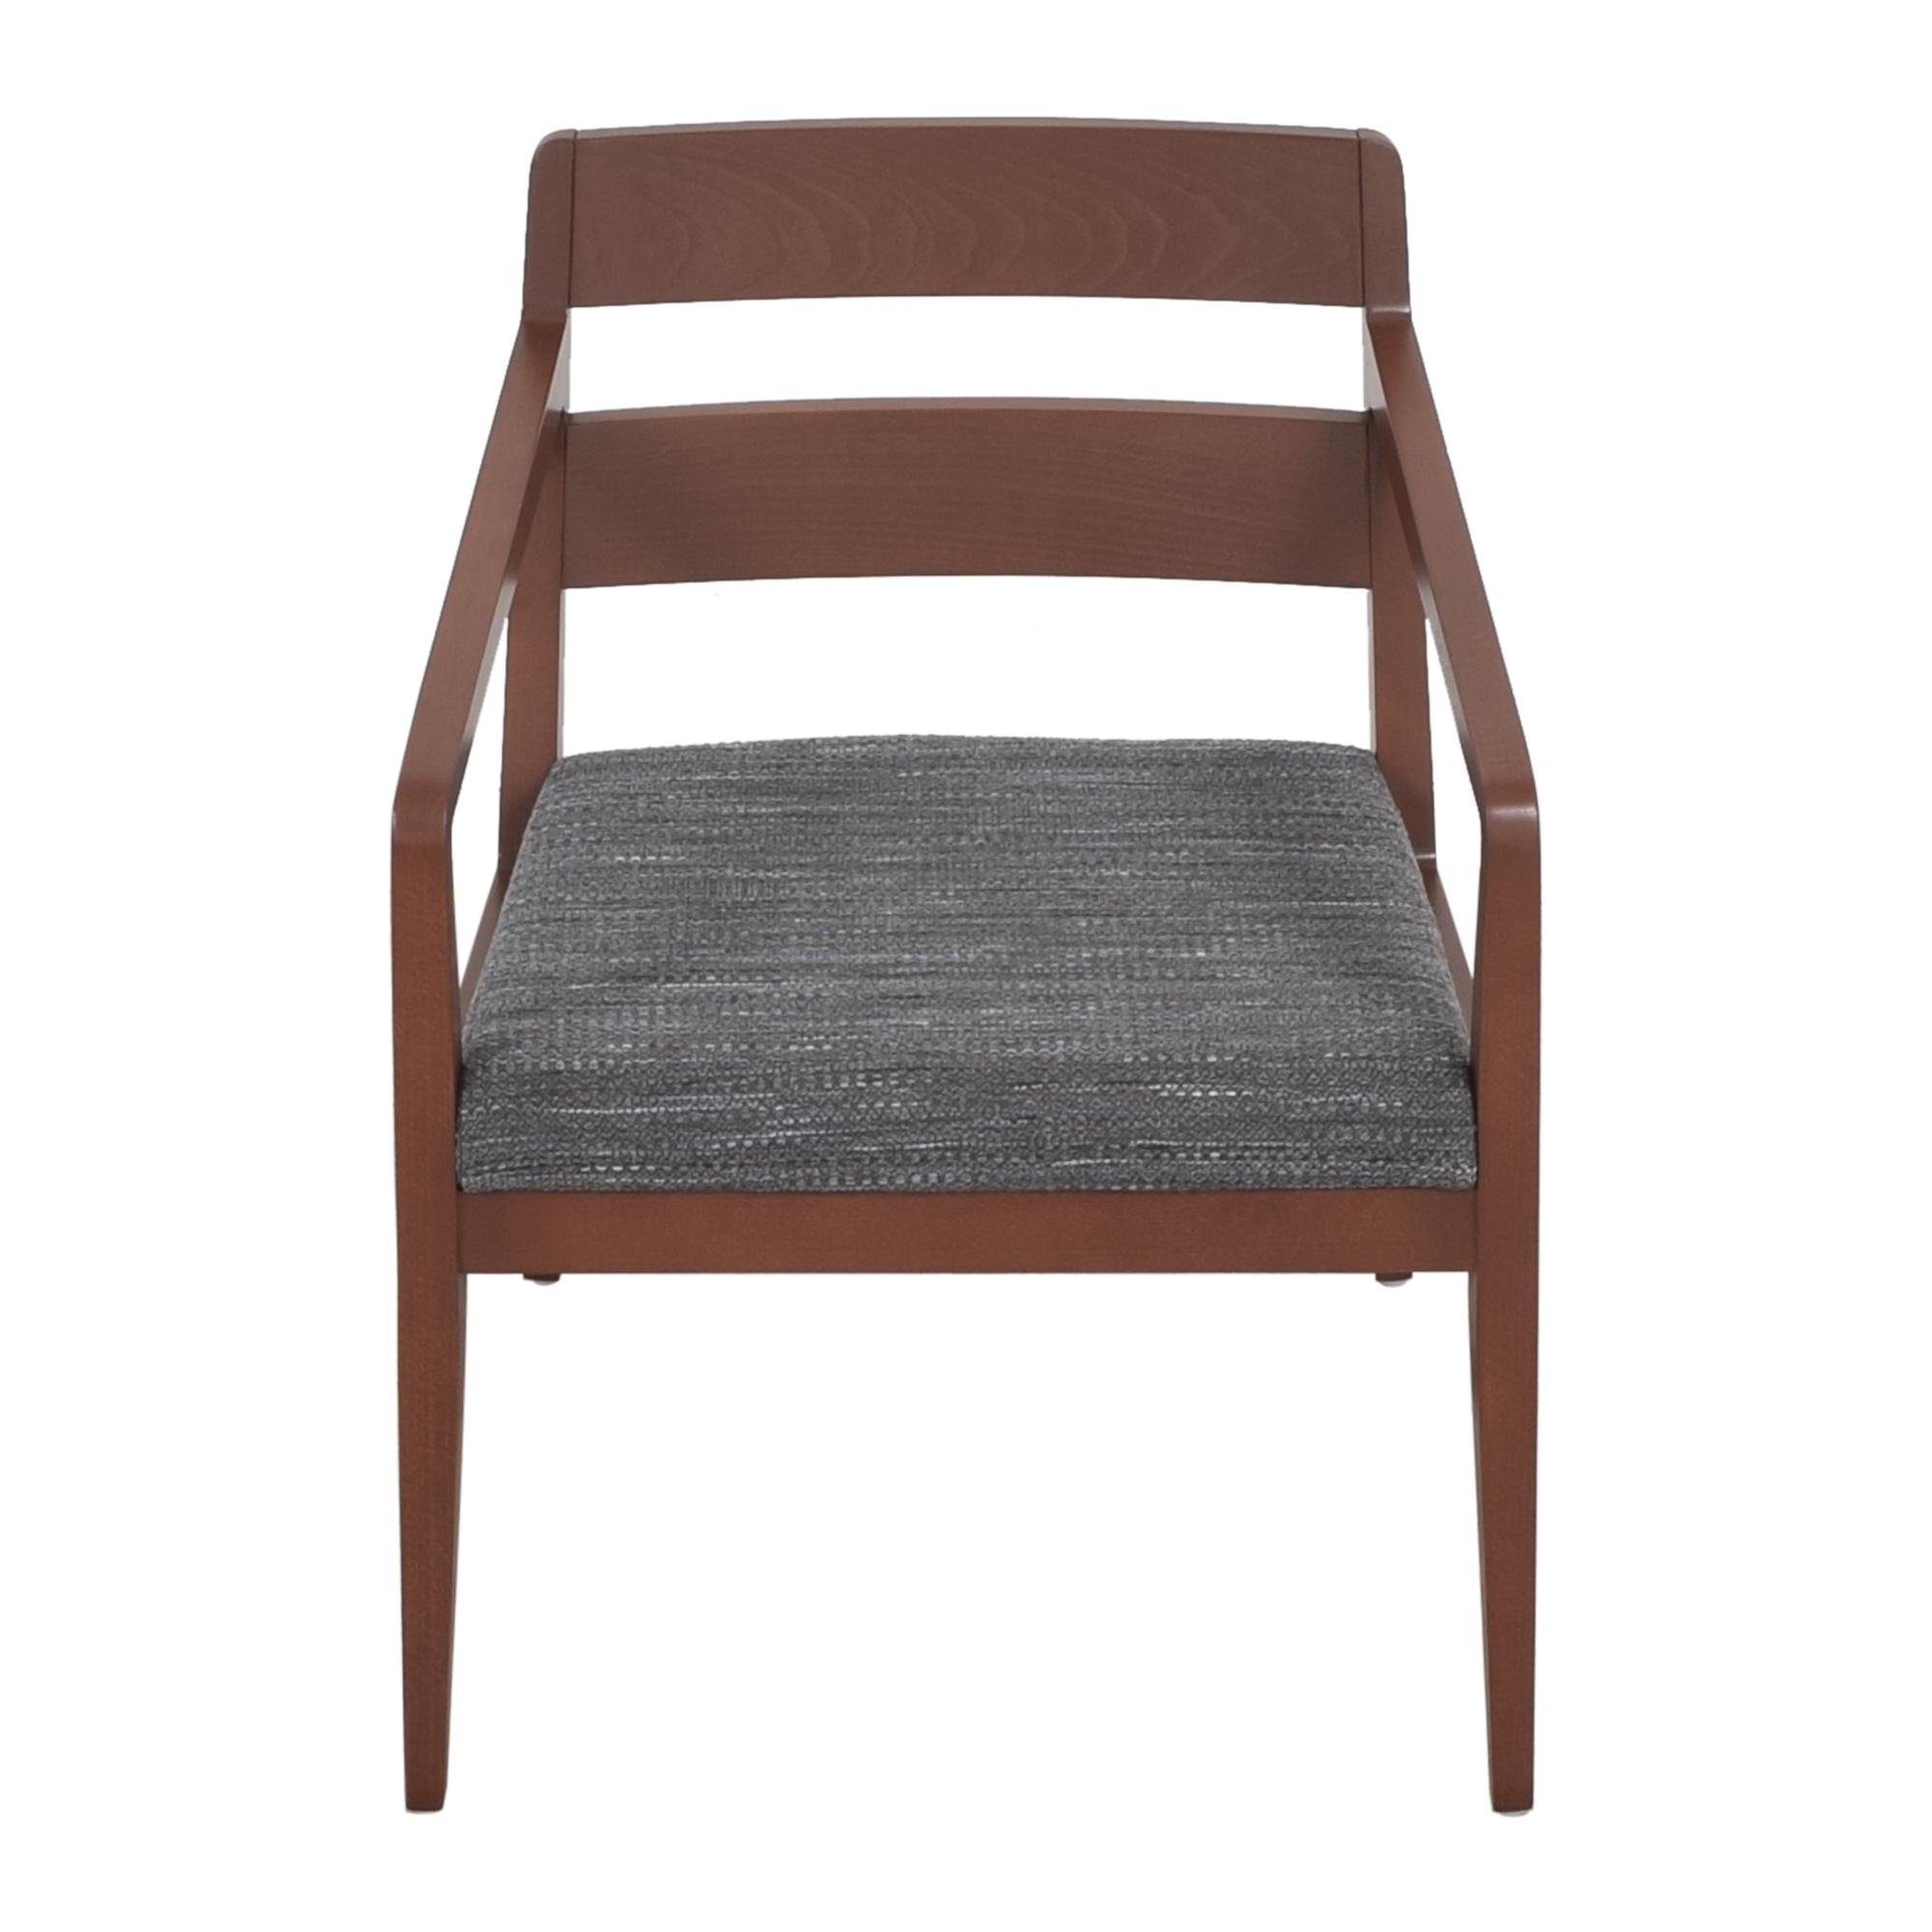 Global Furniture Group Global Furniture Group Chap Chair